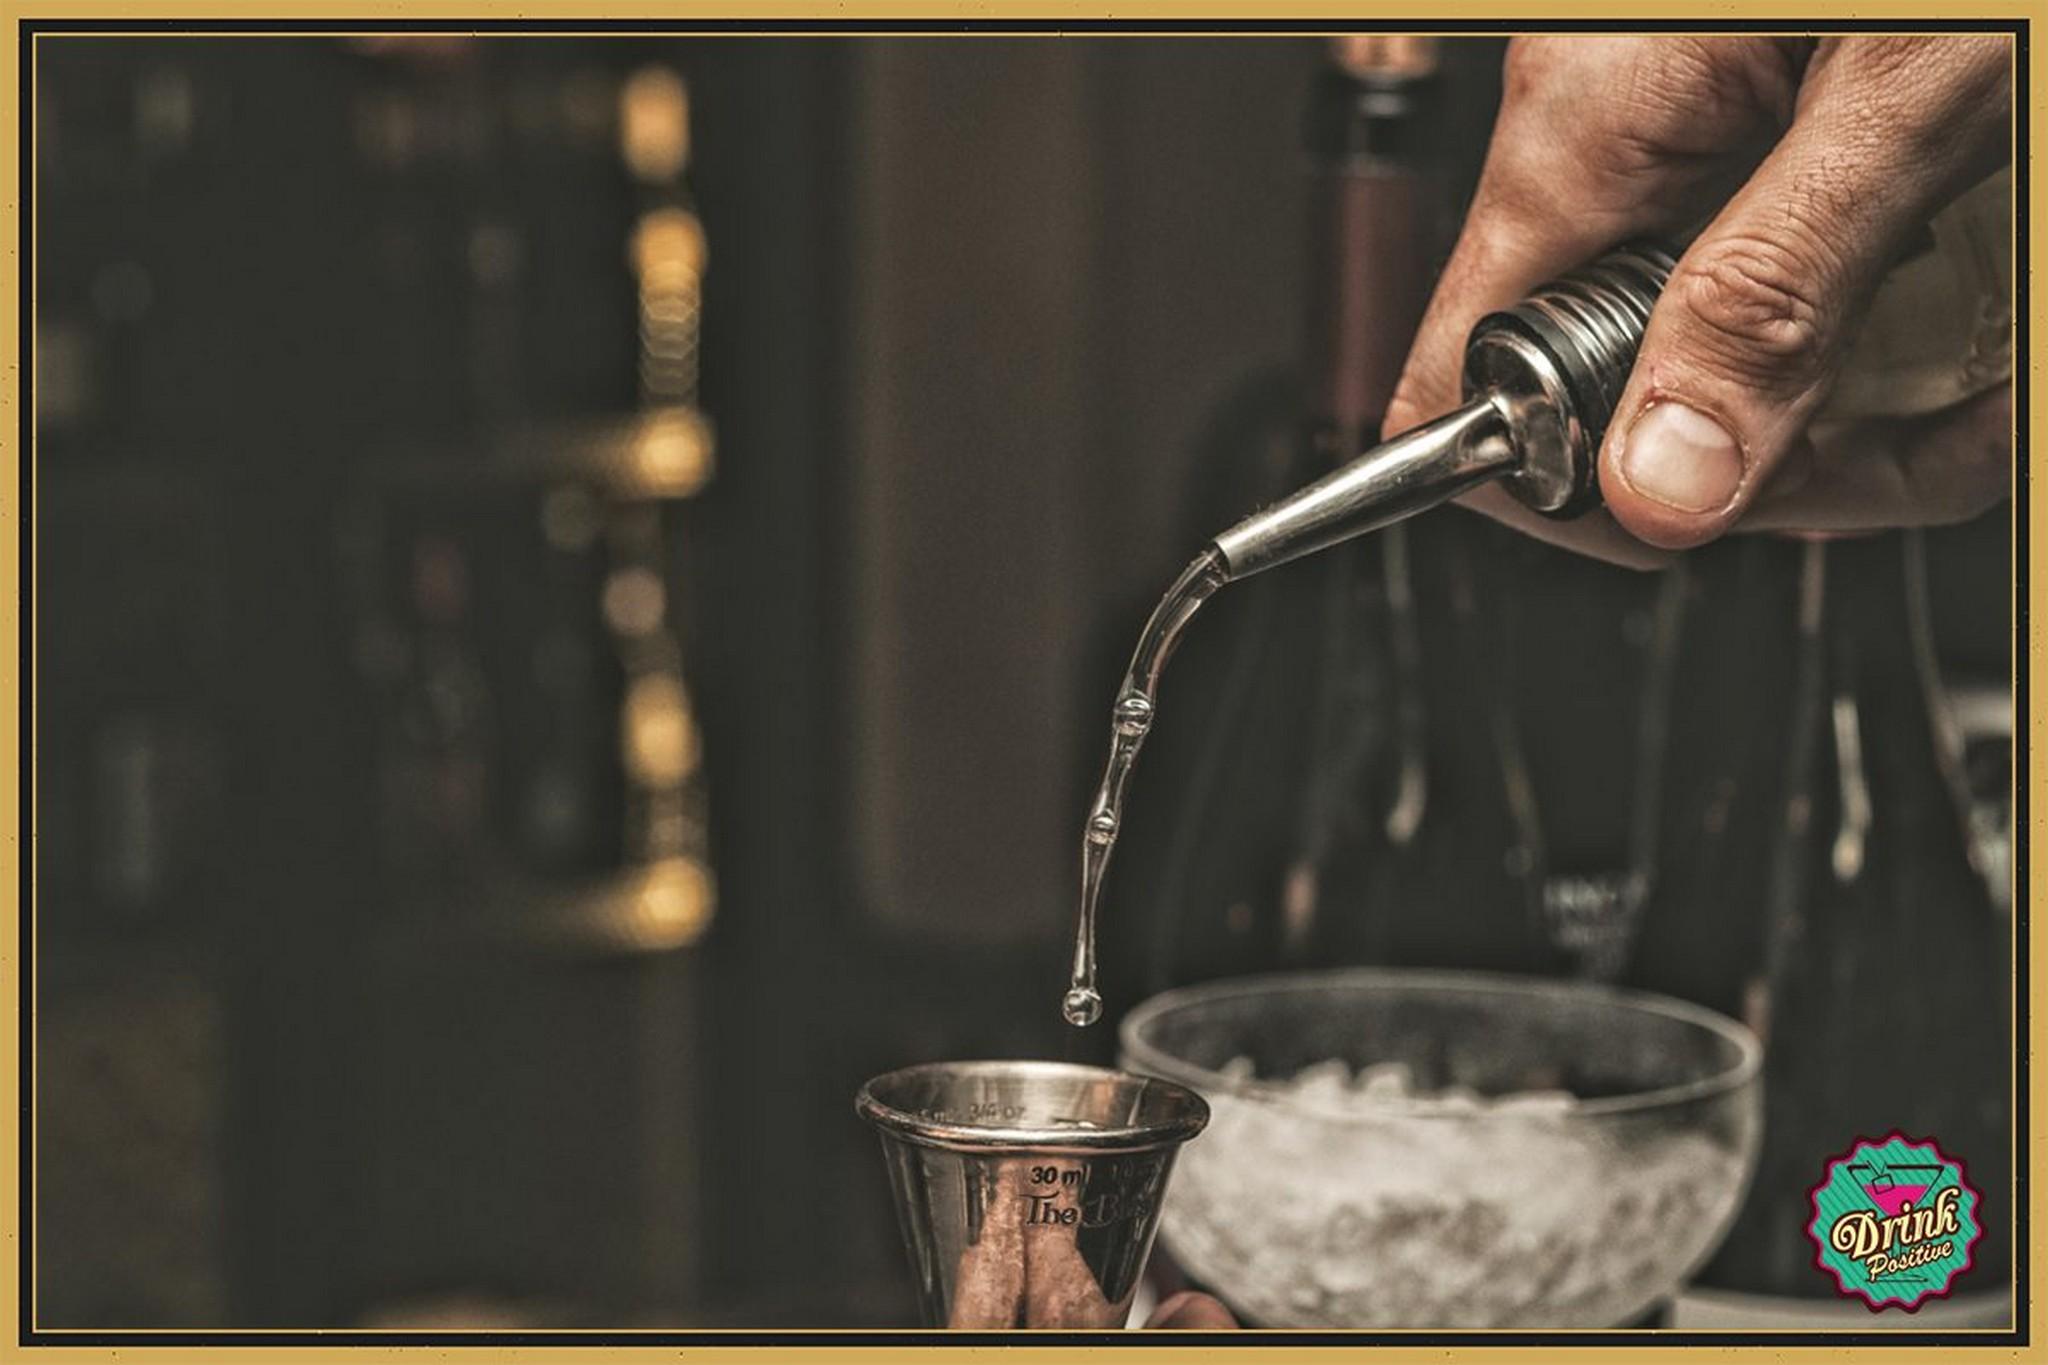 fabio_camboni_Gaeta_Drink_Positive_consulenze__apertura_locali_corsi_barman_107